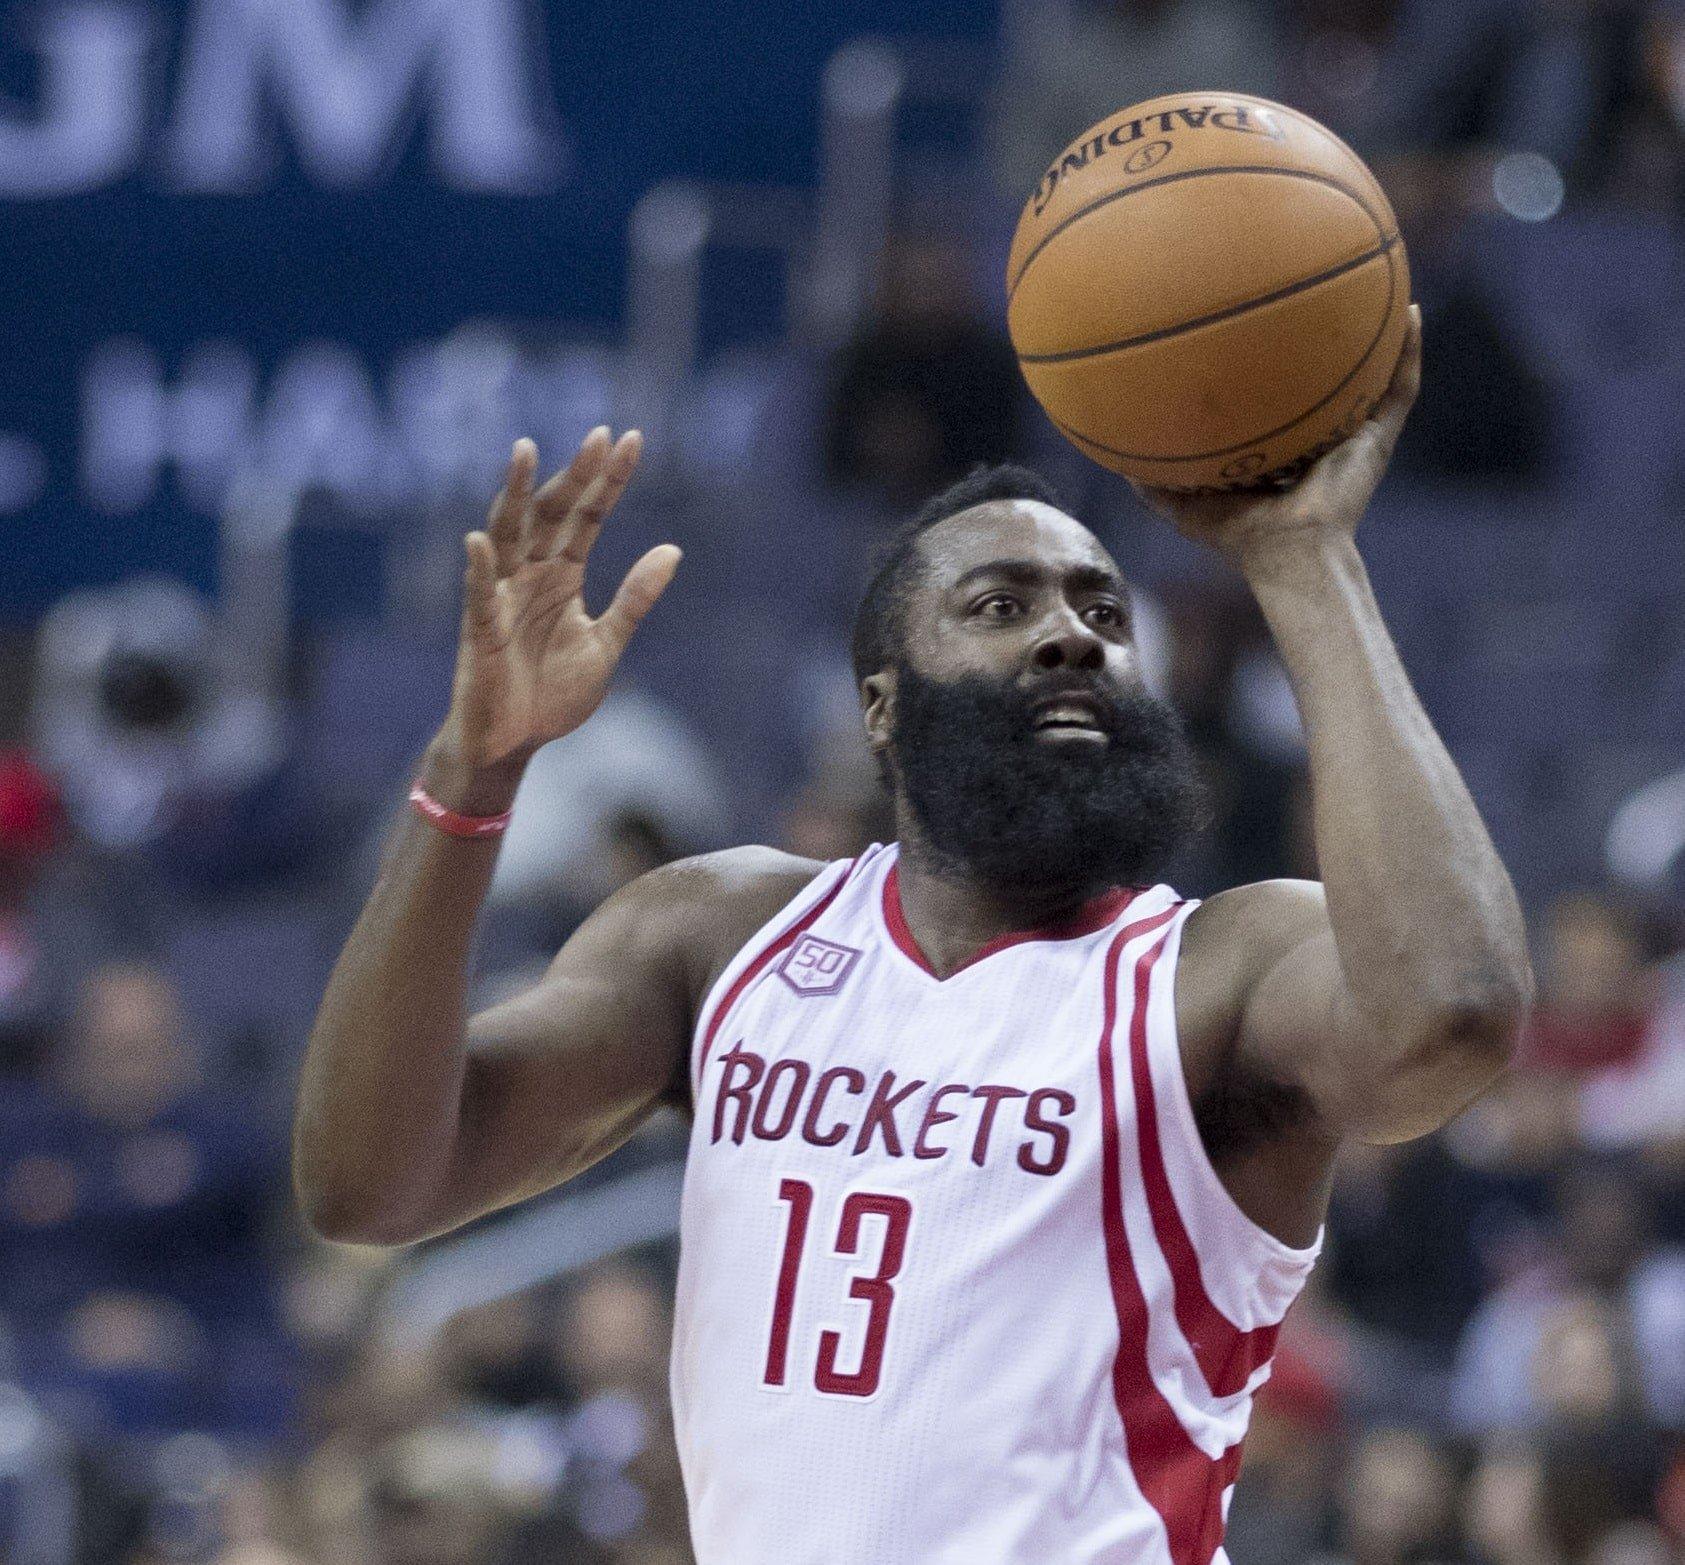 Harden Drops 49, Rockets Outlast Mavericks After Overtime, 153-149